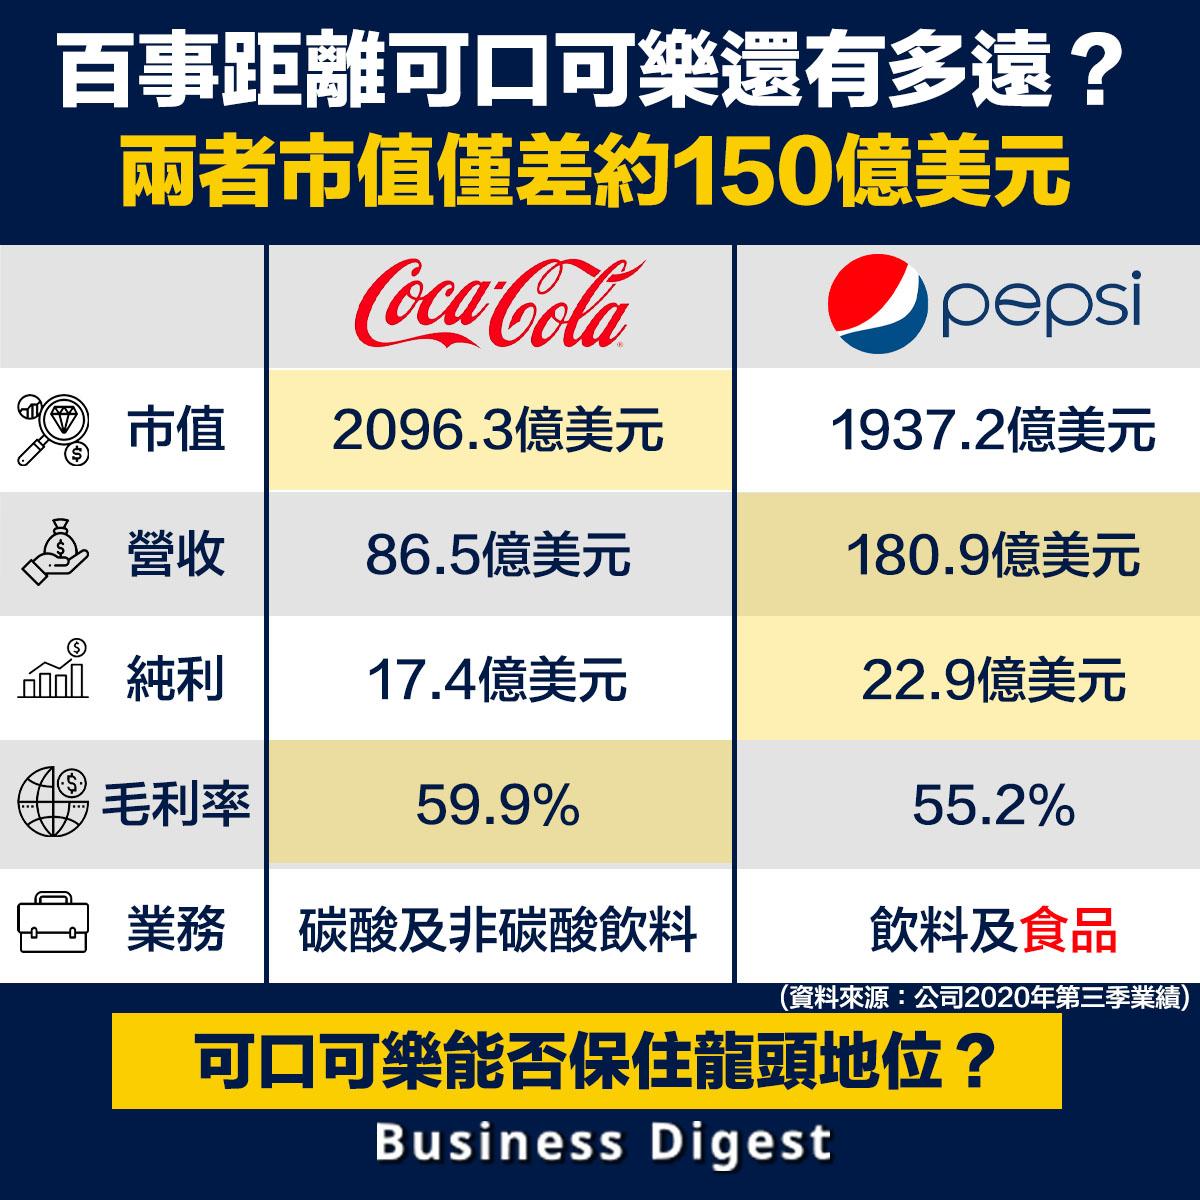 百事距離可口可樂還有多遠?兩者市值僅差約150億美元